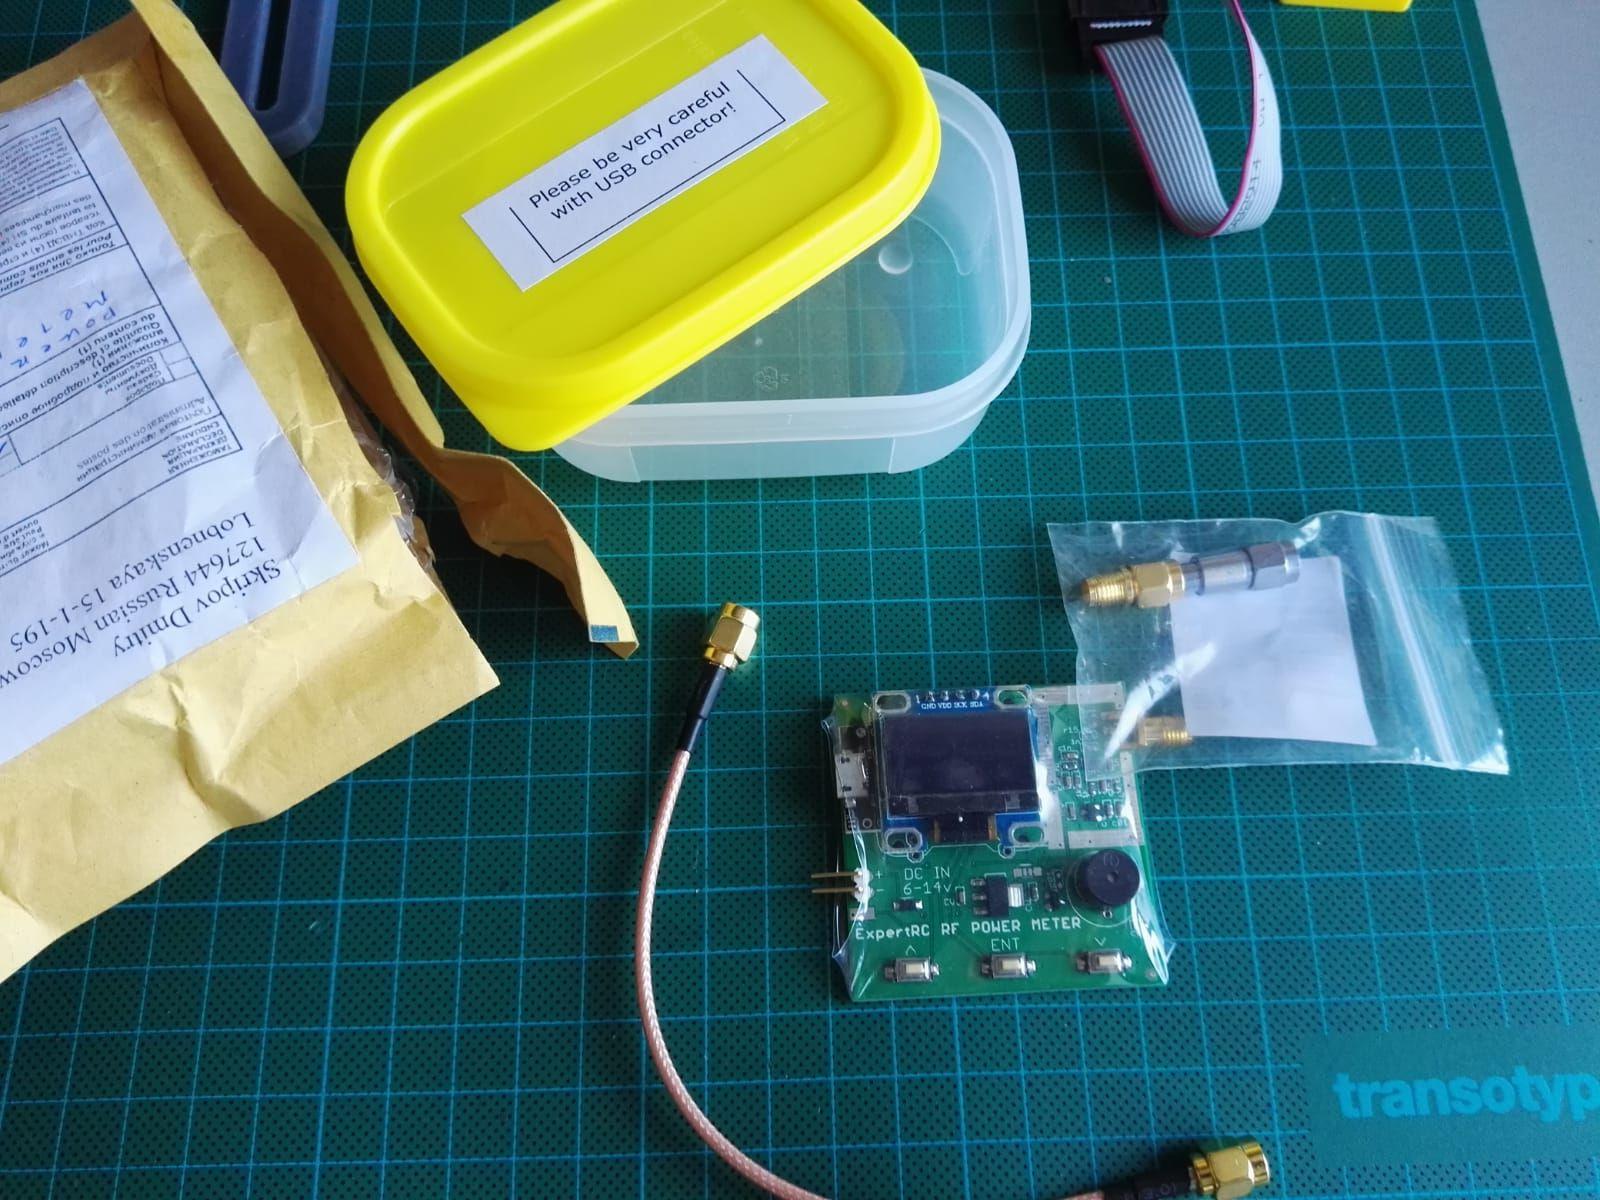 RFPowermeter_Unpacked